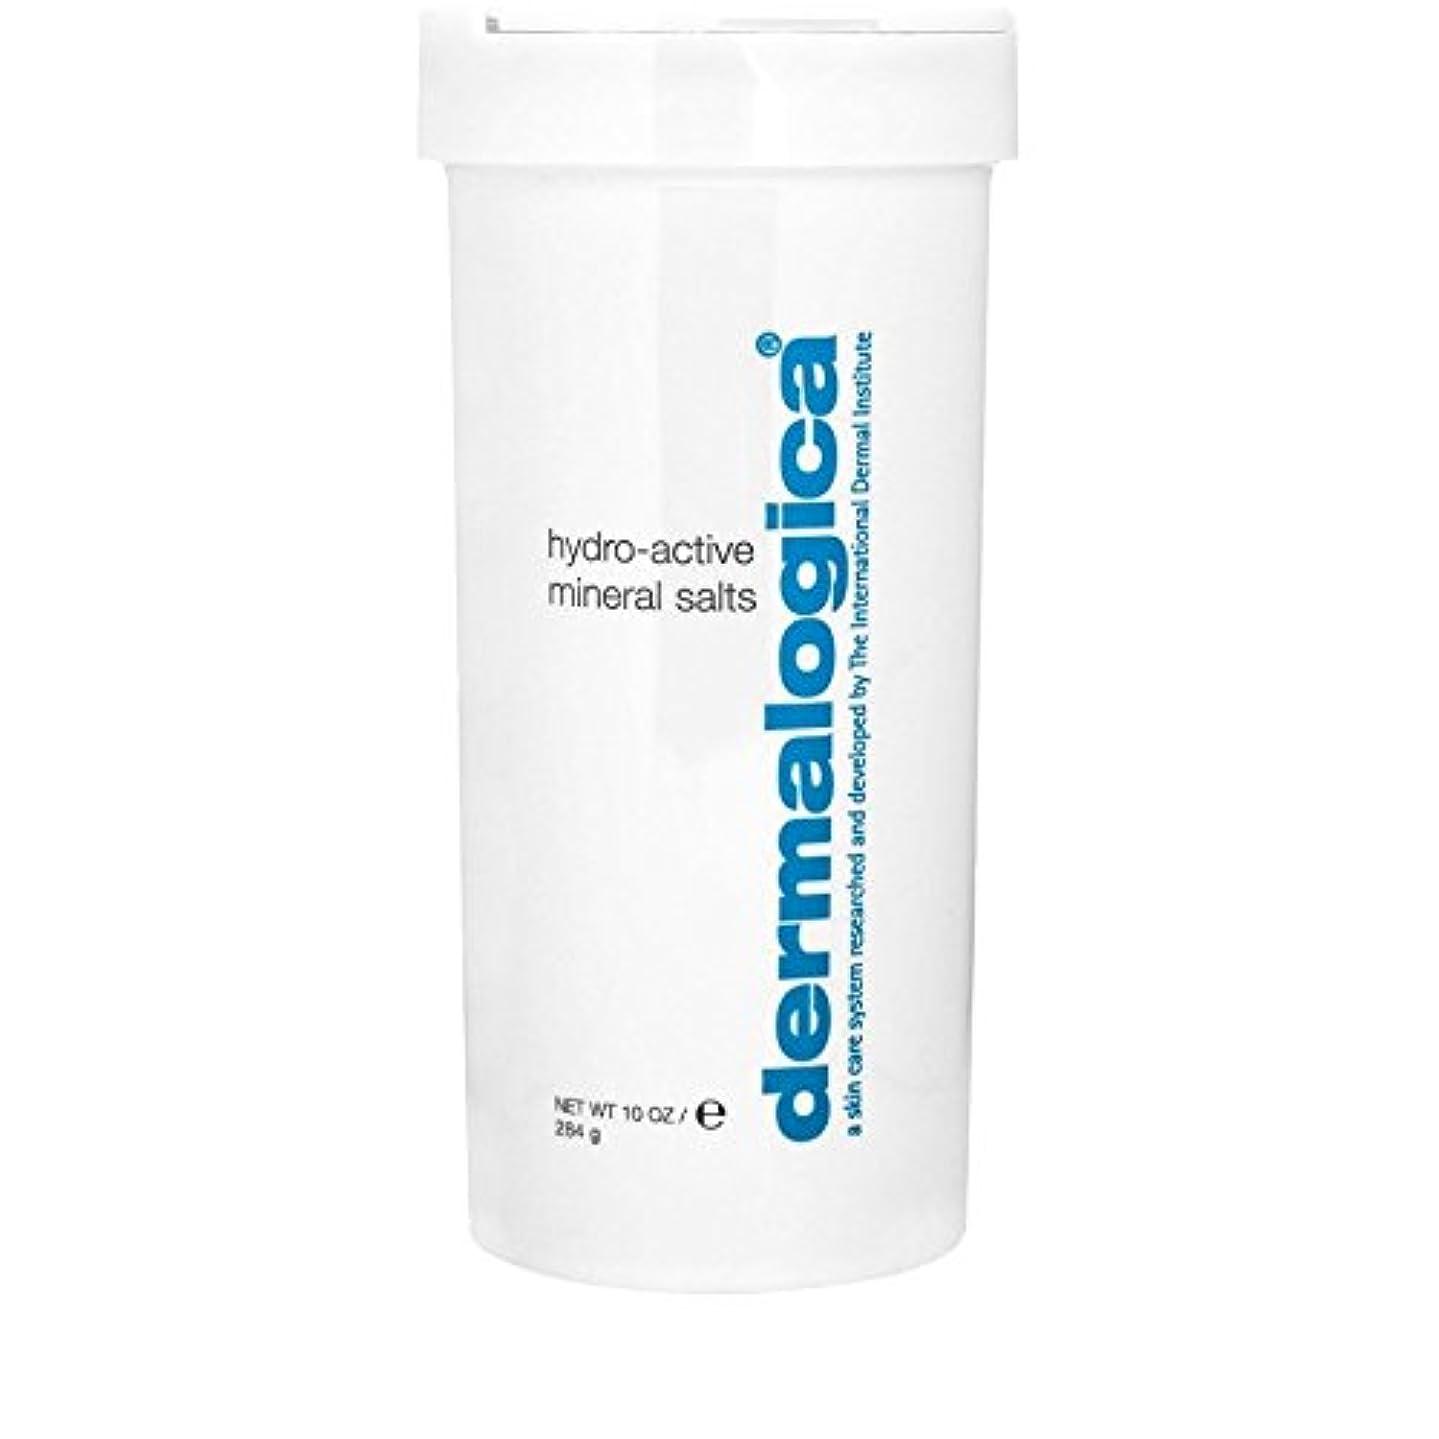 活気づくルーキー描写Dermalogica Hydro Active Mineral Salt 284g (Pack of 6) - ダーマロジカ水力アクティブミネラル塩284グラム x6 [並行輸入品]